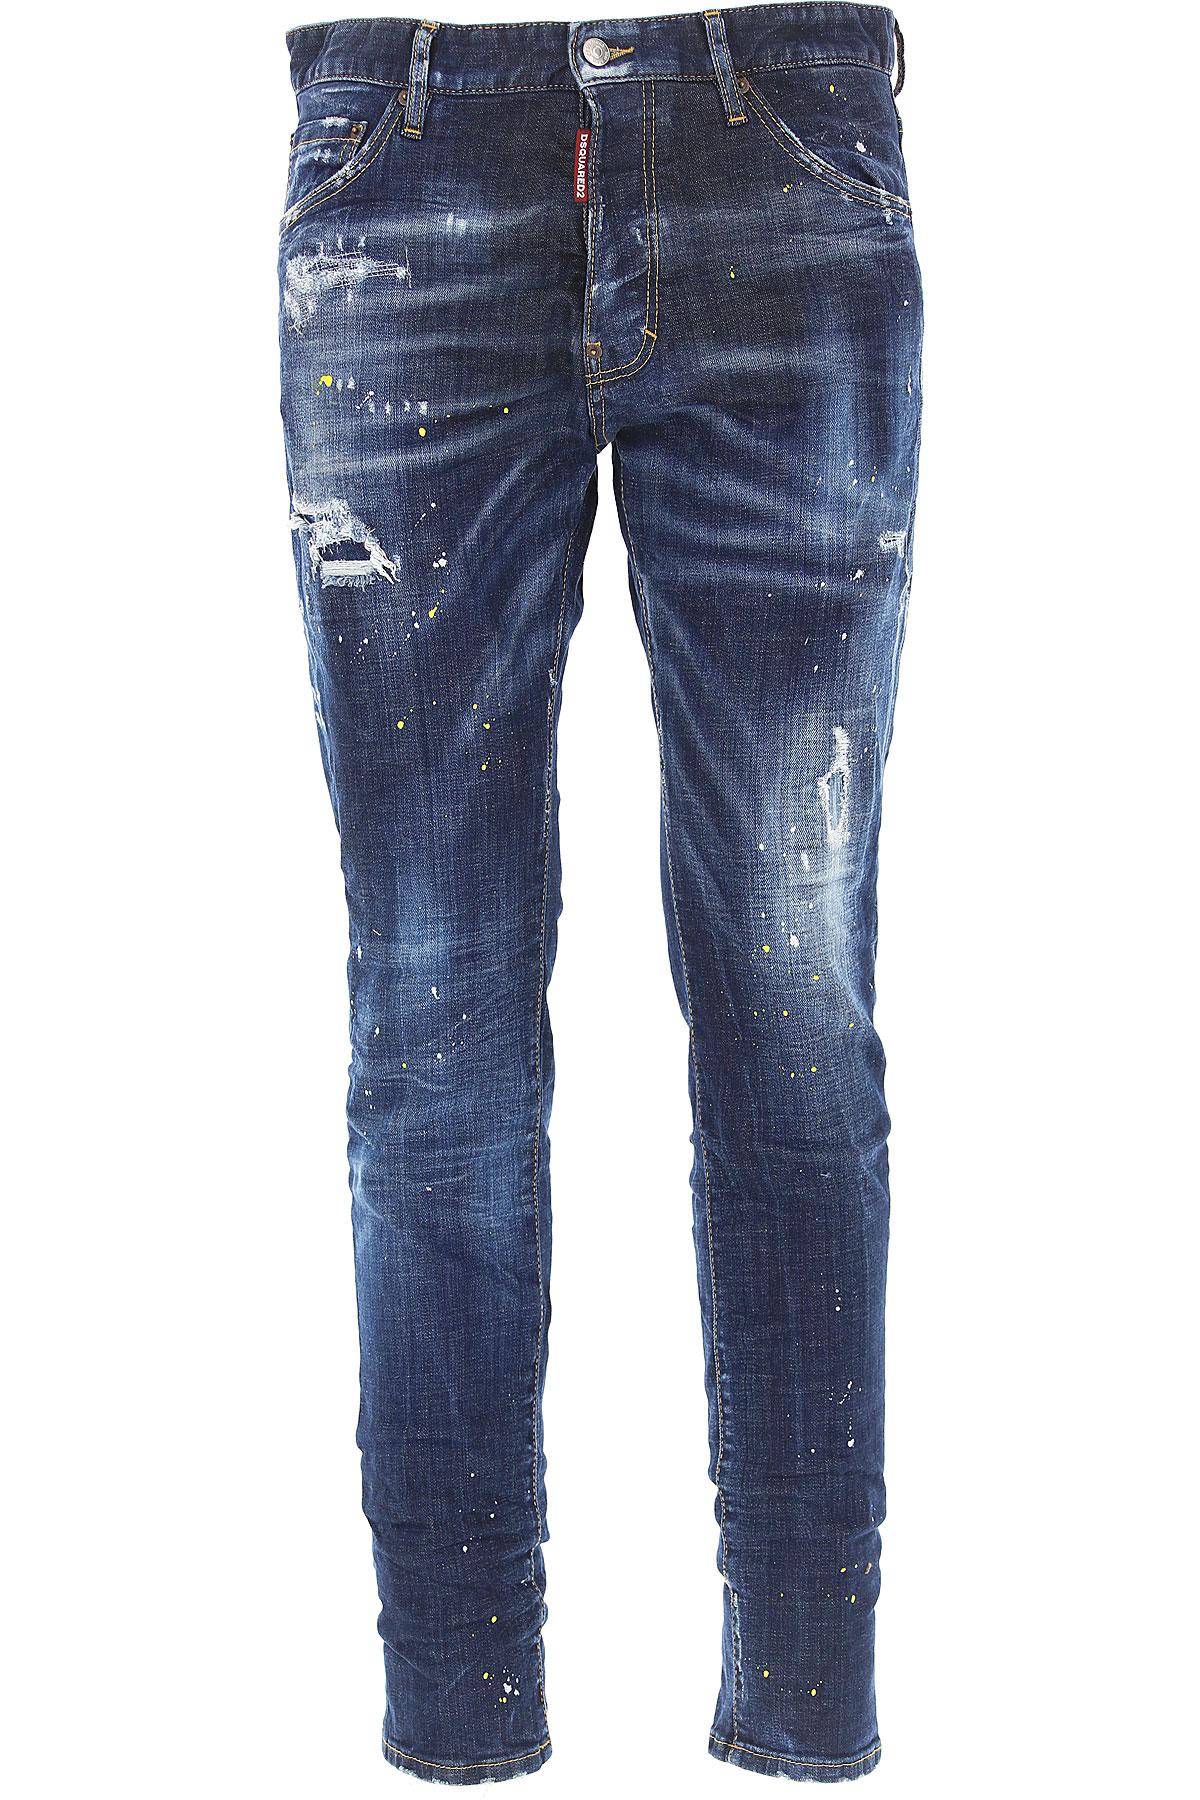 Dsquared2 Jeans, Denim Blue, Cotton, 2017, 32 34 36